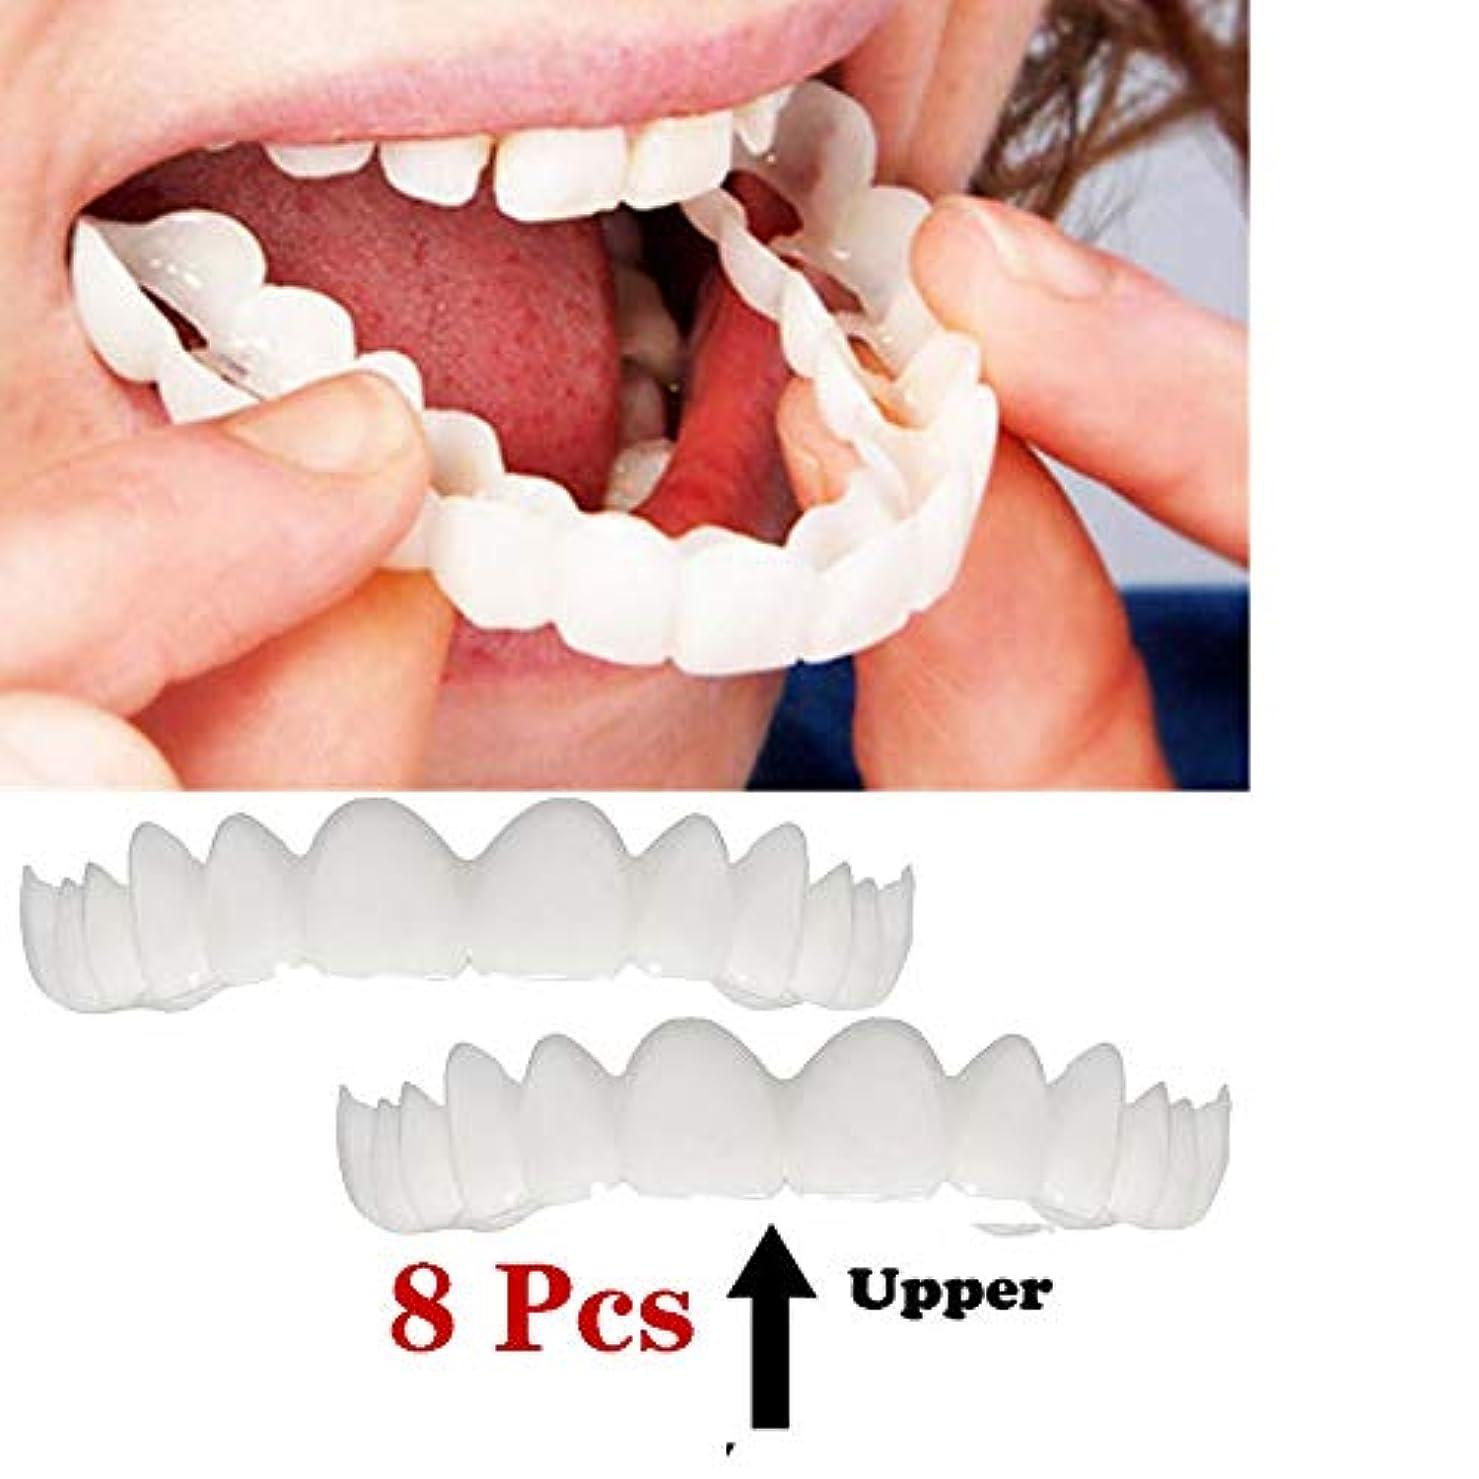 専門知識マークがっかりした8ピース突き板歯仮化粧品歯義歯歯模擬ブレースアッパーブレースホワイトニング歯スナップキャップインスタント快適なフレックスパーフェクトベニア